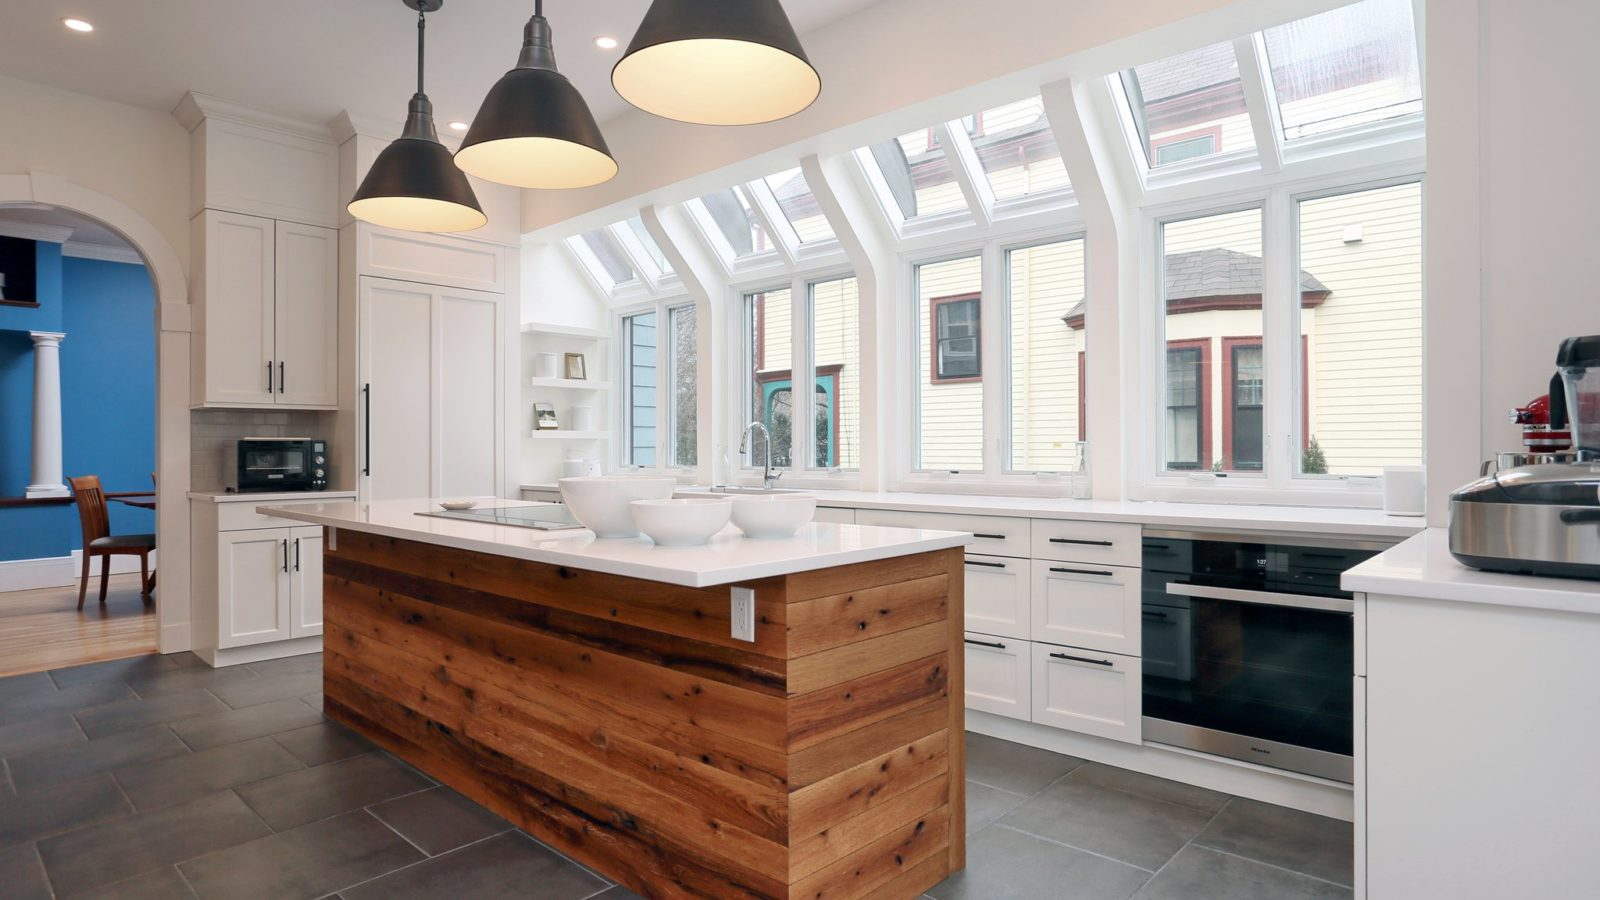 modern kitchen with bright windows